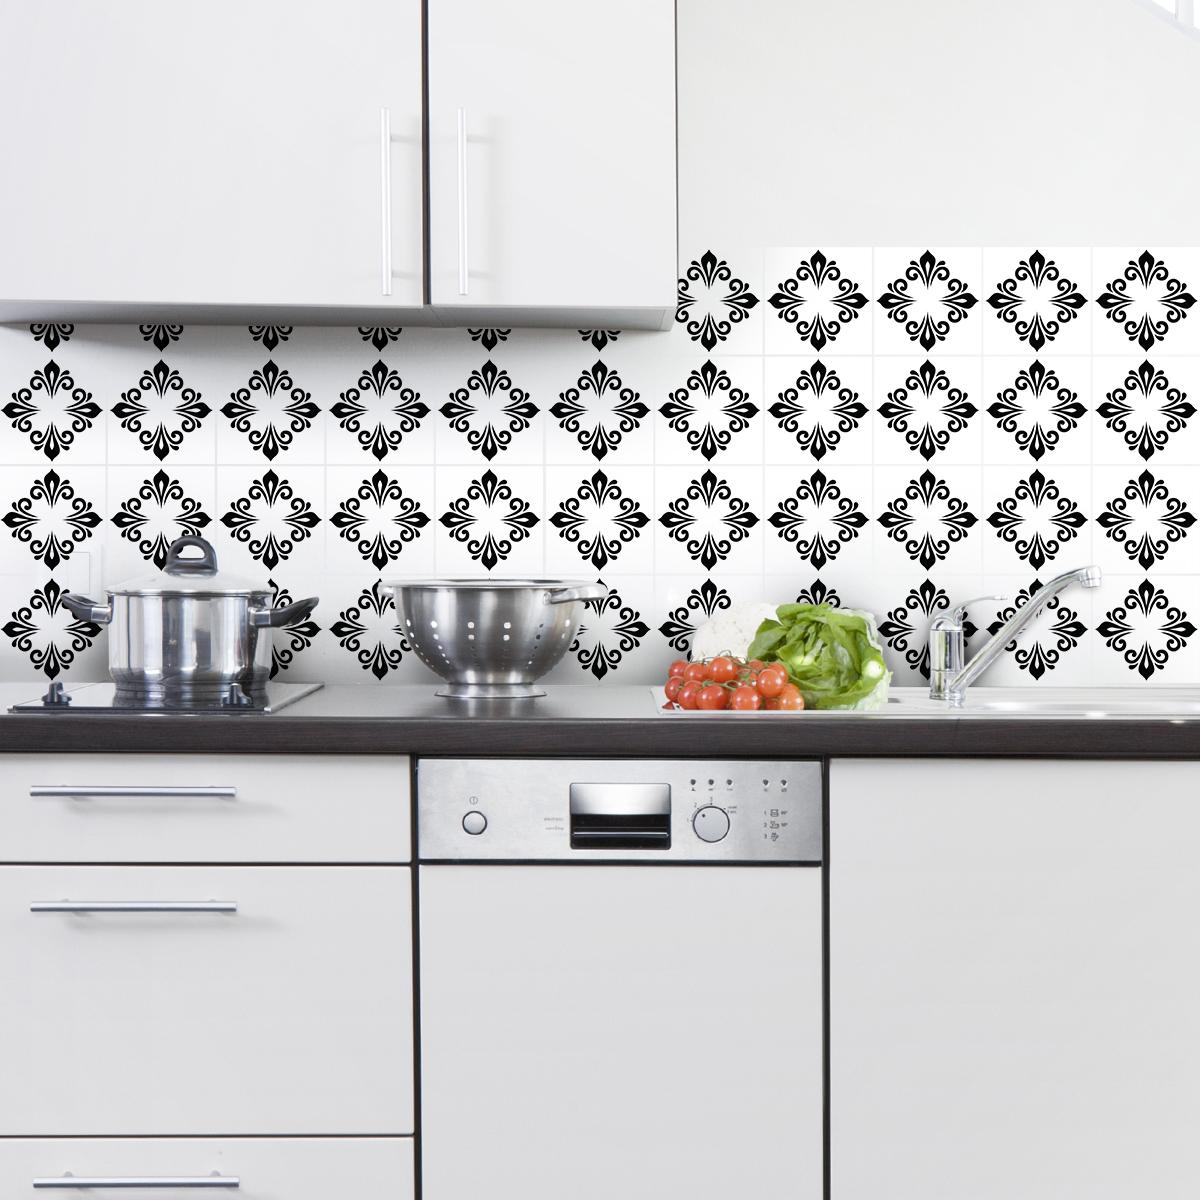 30 stickers carreaux de ciment boh me kieli cuisine. Black Bedroom Furniture Sets. Home Design Ideas